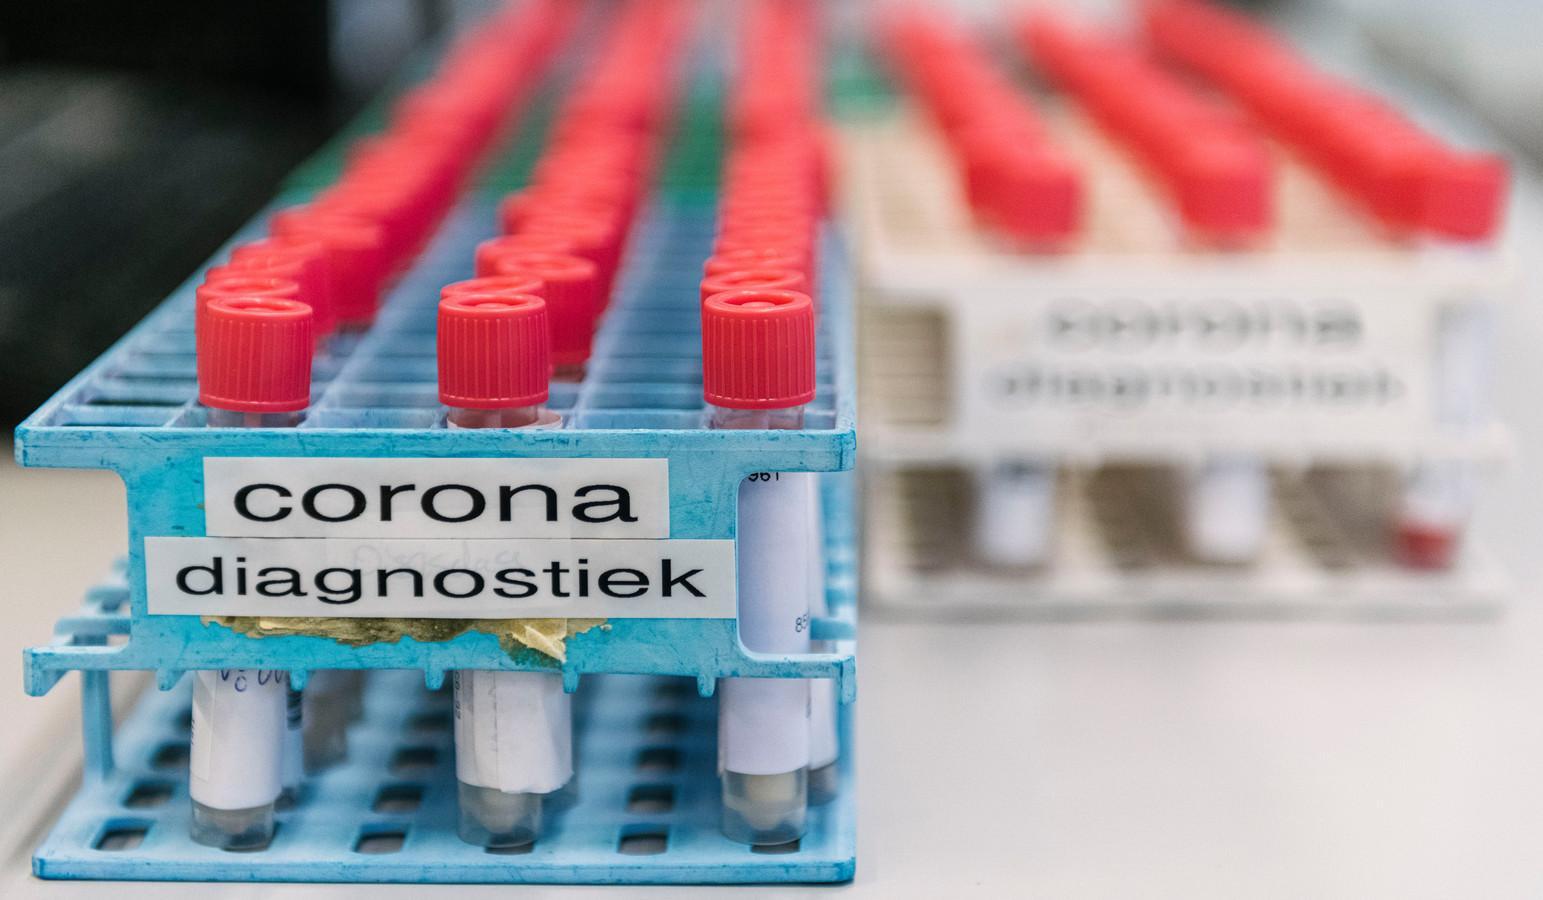 Buisjes met monsters bestaande uit een swab uit de neus en van de keel van mogelijk met het coronavirus besmette mensen. Dit is de eerste stap in de coronatest.